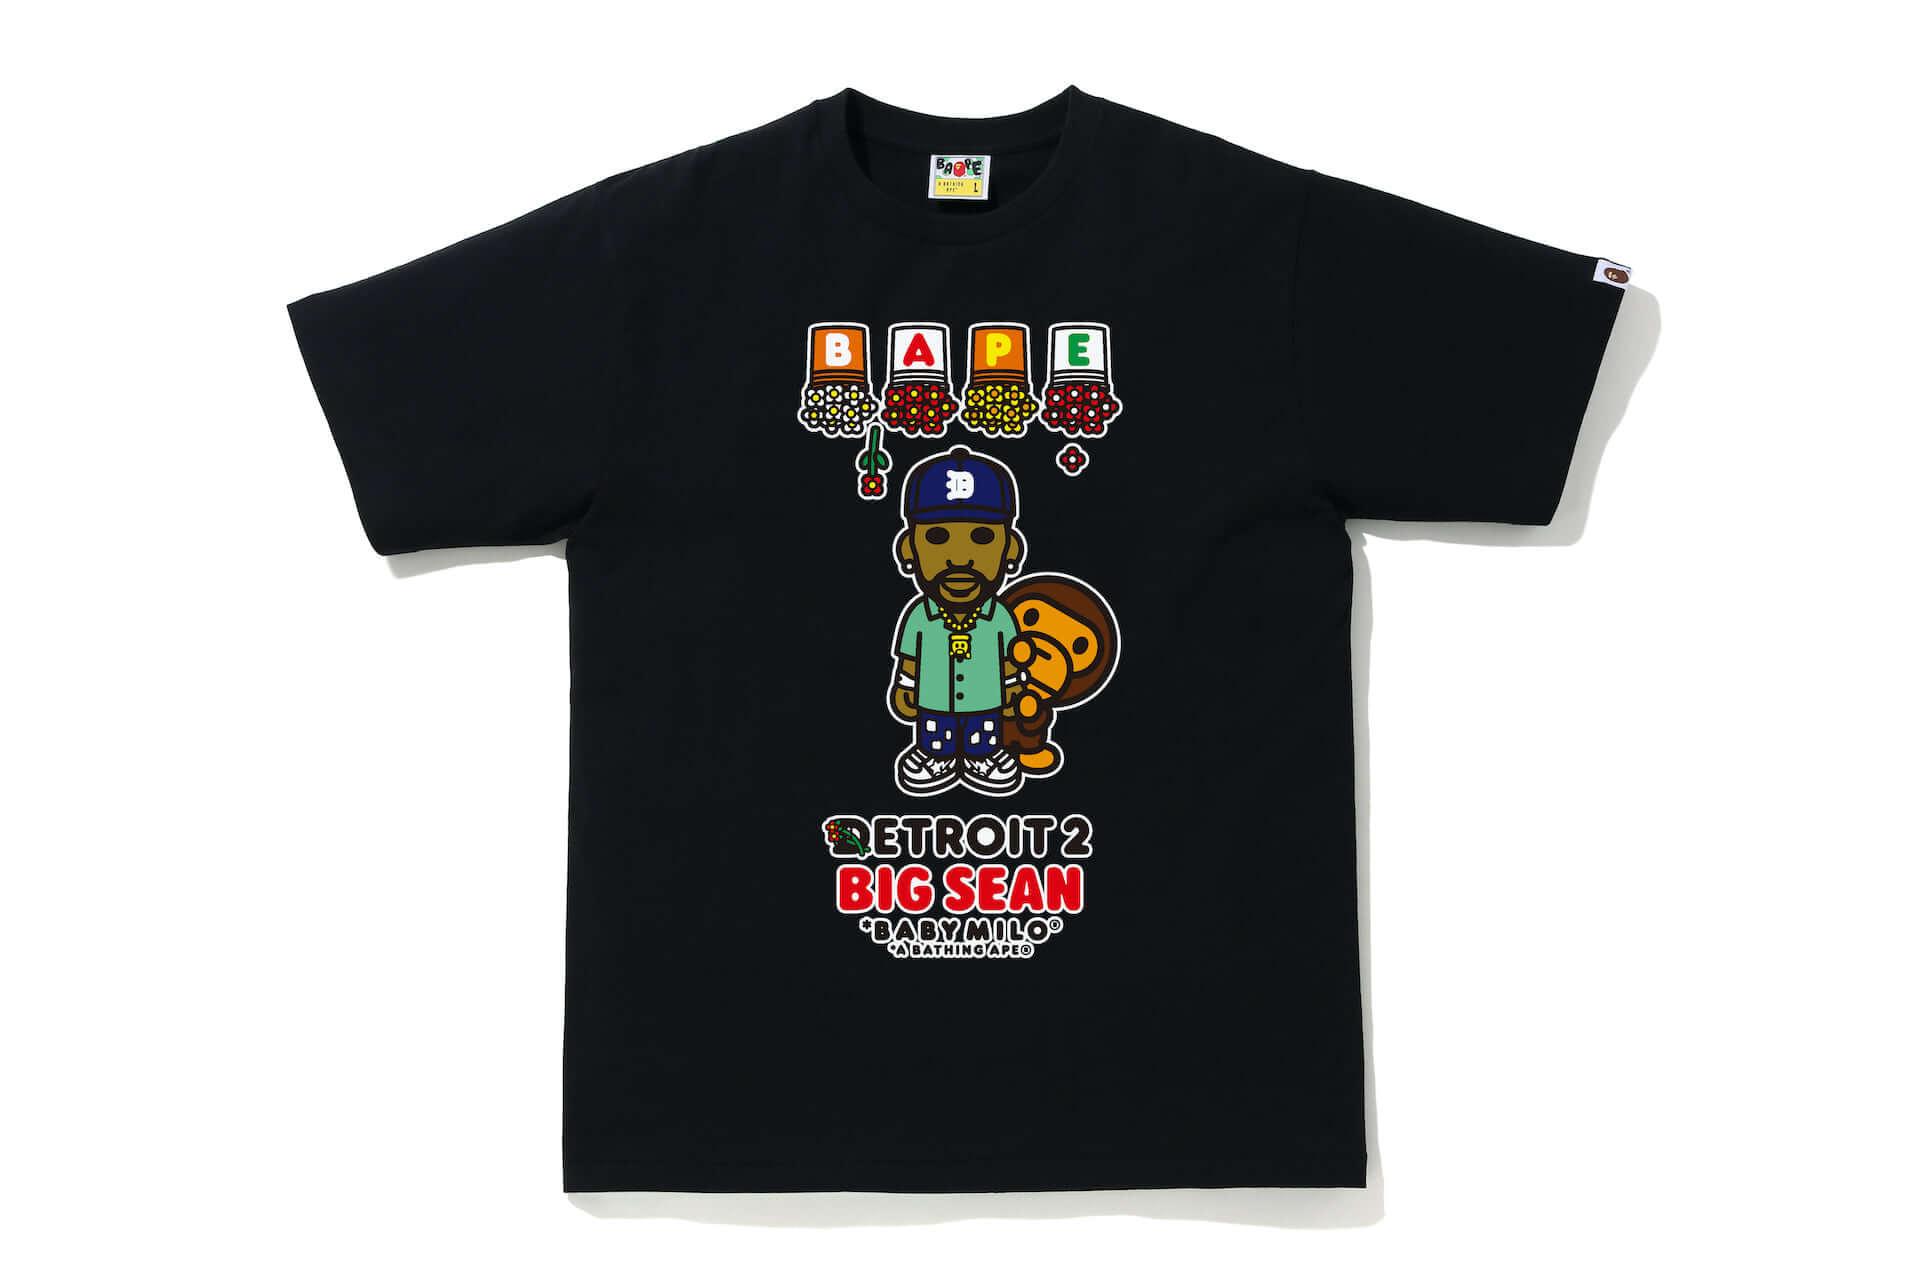 Big SeanとA BATHING APE(R)による最新コラボTシャツが発売決定!アルバム『DETROIT 2』のアートワークがBABY MILO(R)スタイルに lf210113_bape-bigsean_1-1920x1280